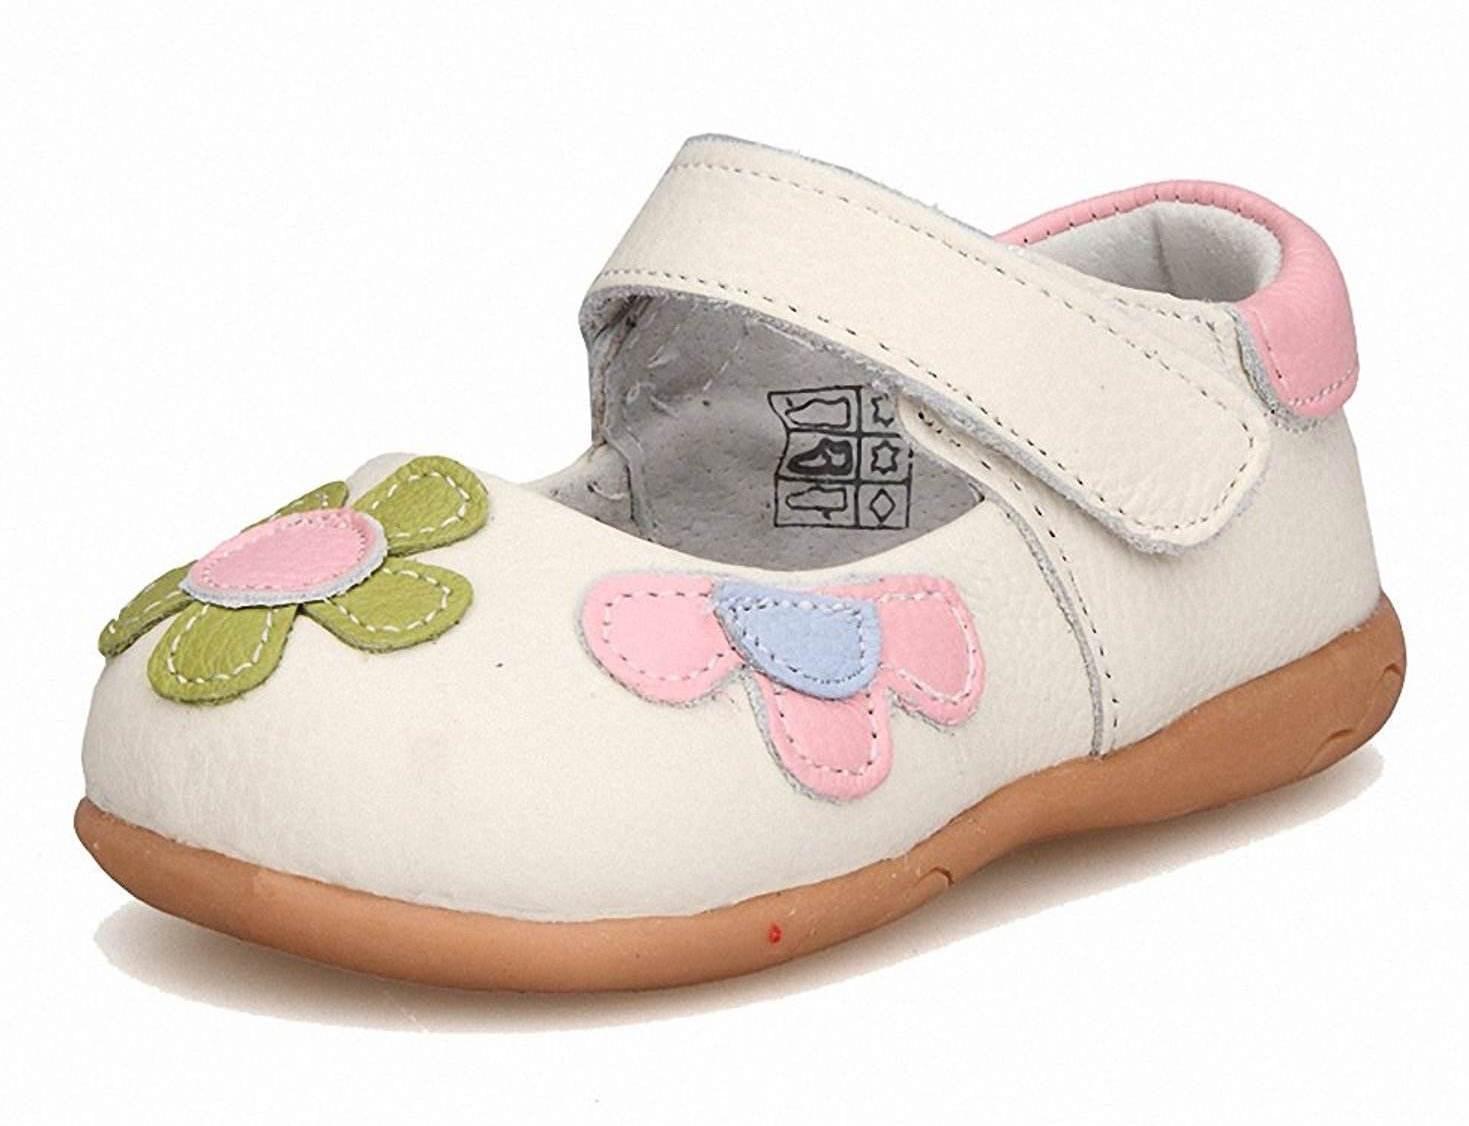 扁平足 内八字?孩子的鞋子选对了吗?